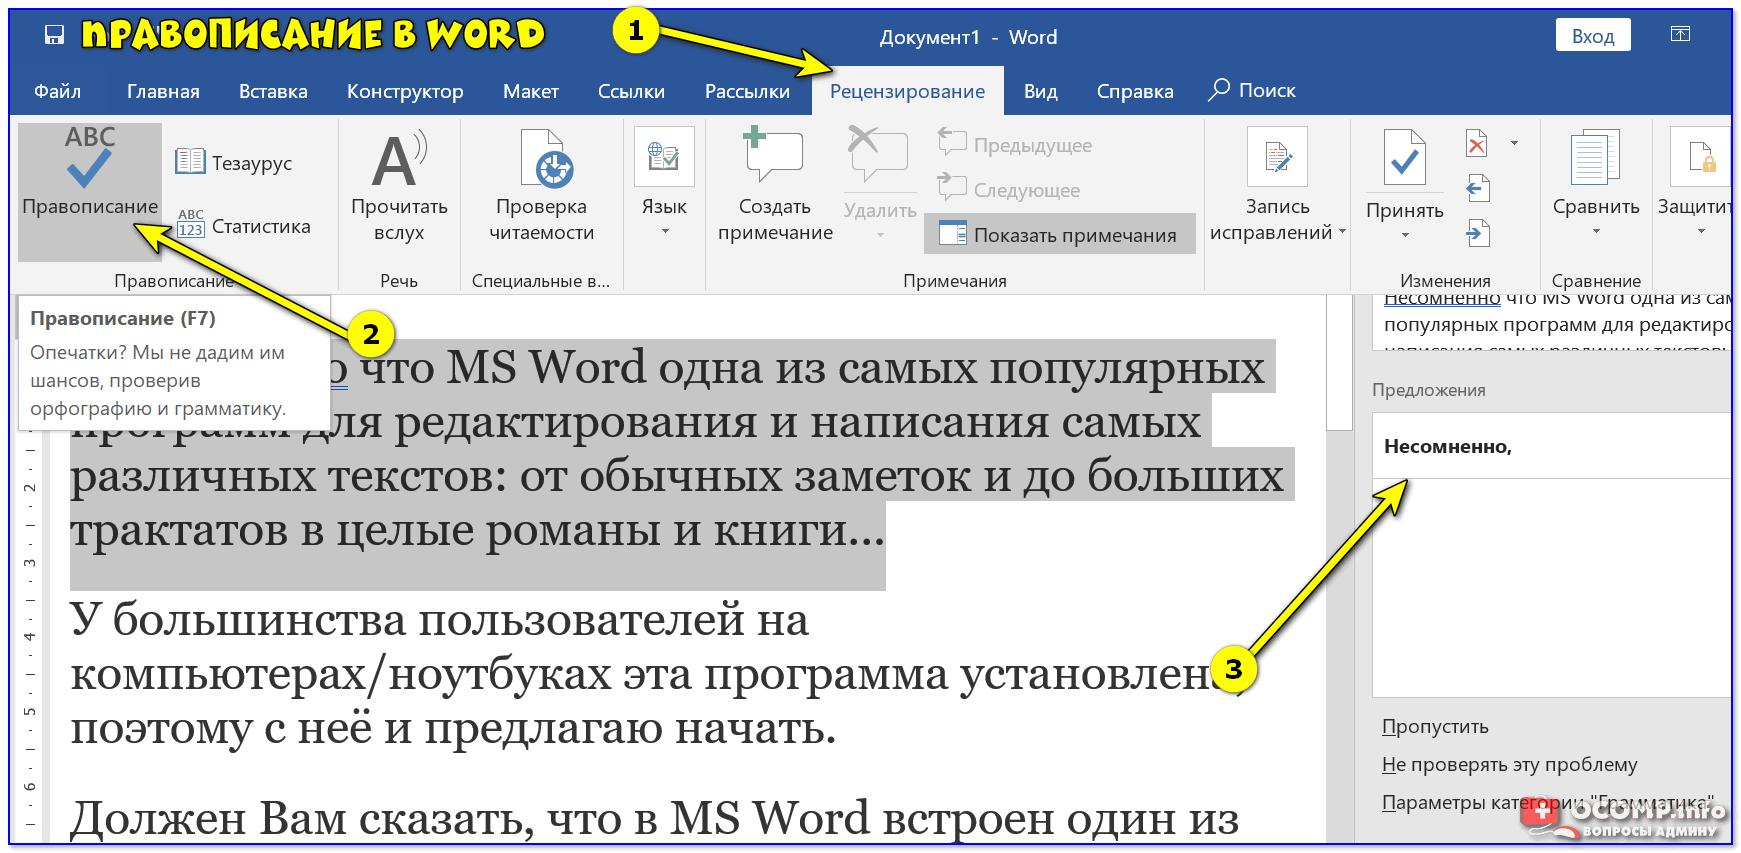 Правописание в Word — как проверить